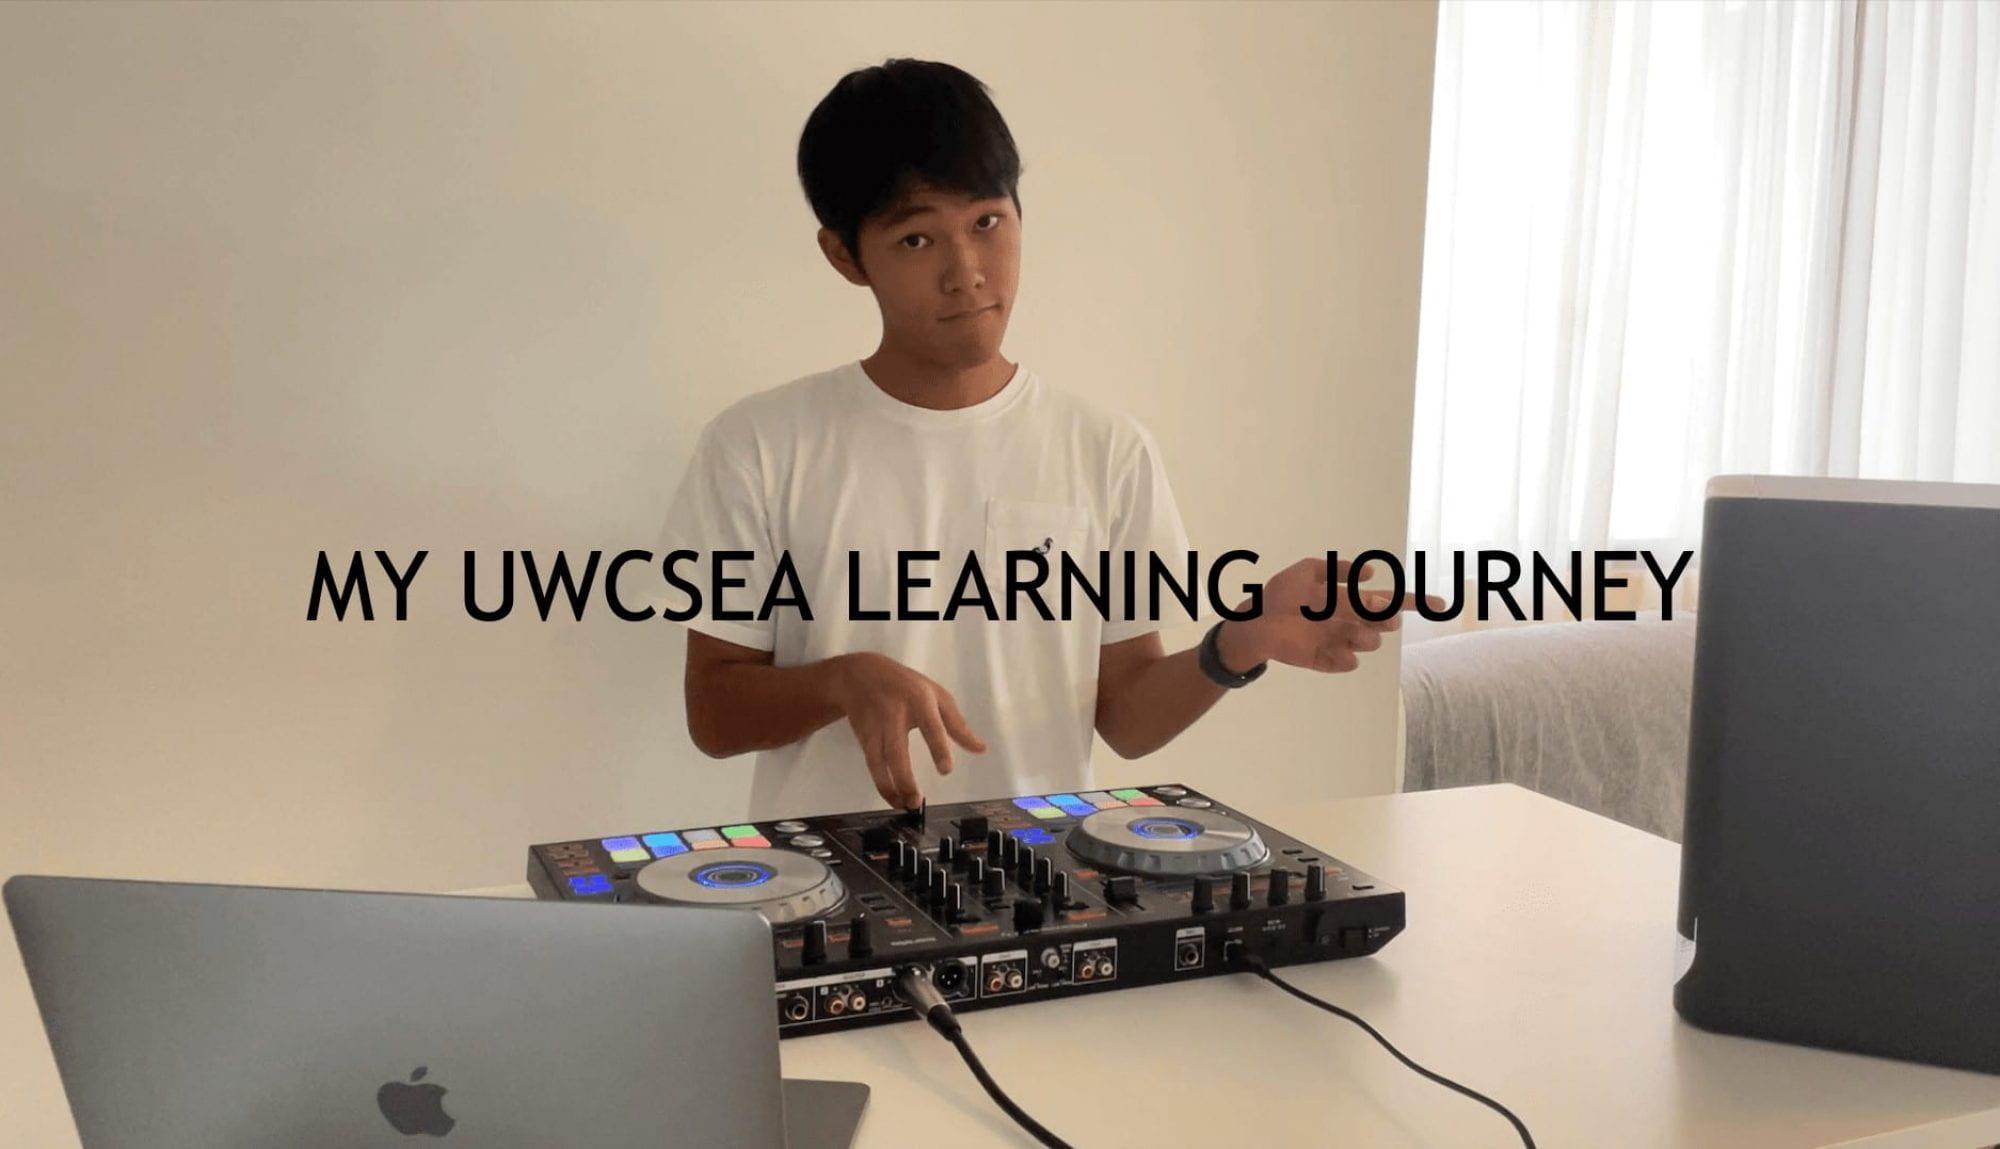 My UWCSEA Learning Journey